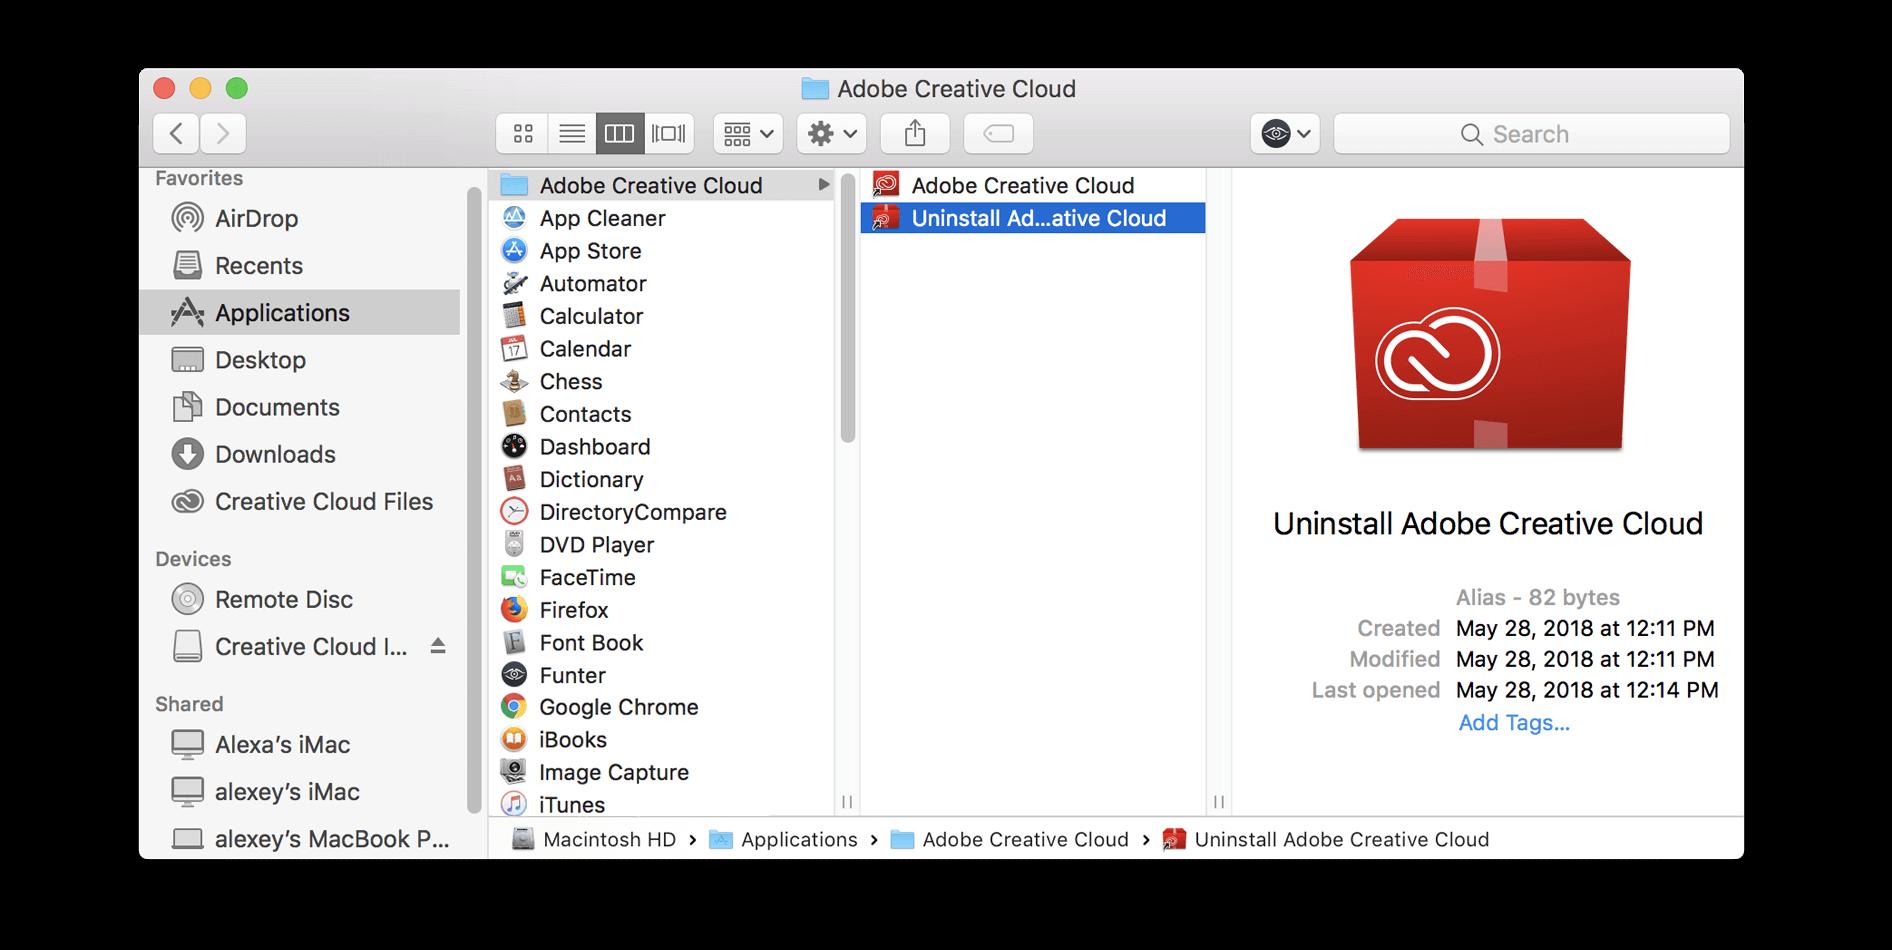 Creative Cloudを手動でアンインストールする